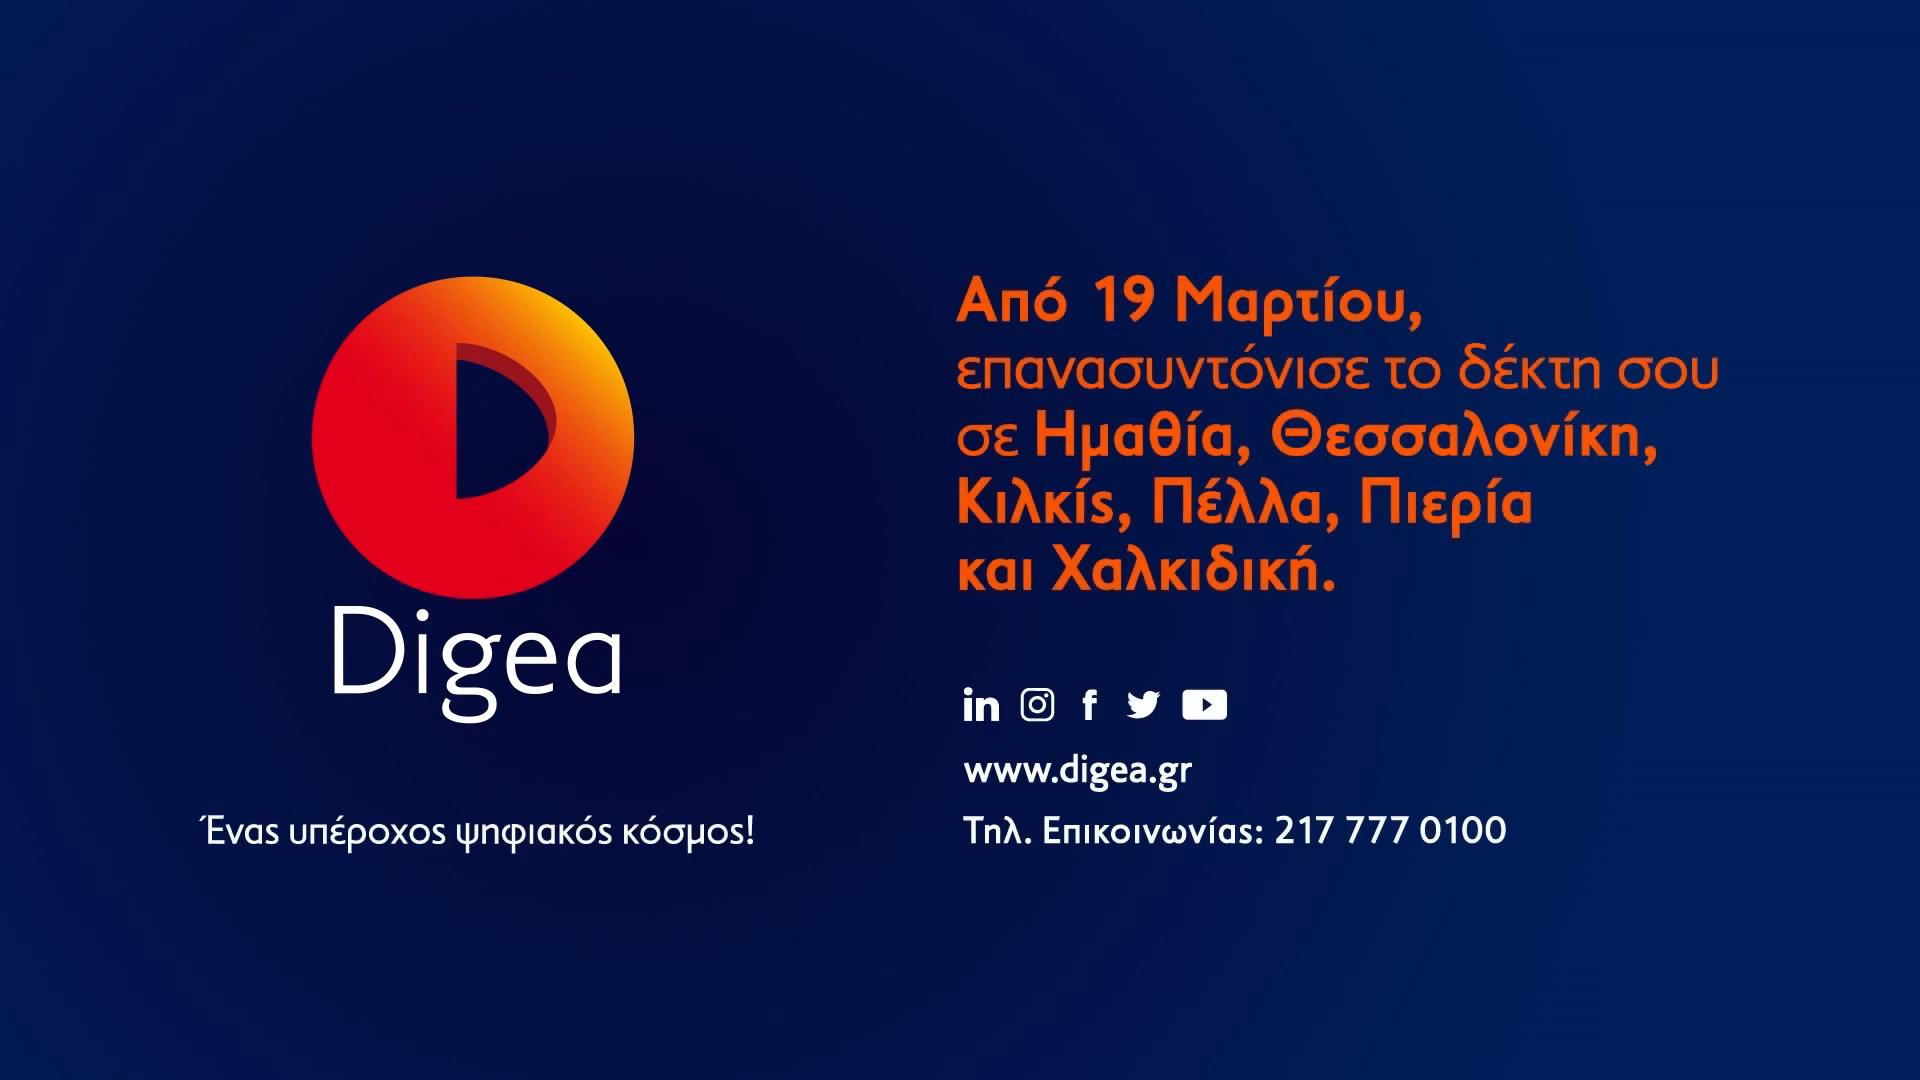 Η δεύτερη ψηφιακή μετάβαση προχωρά στις Περιφερειακές Ενότητες Ημαθίας, Κιλκίς, Πέλλας, Πιερίας, Χαλκιδικής και στη Μητροπολιτική Ενότητα Θεσσαλονίκης